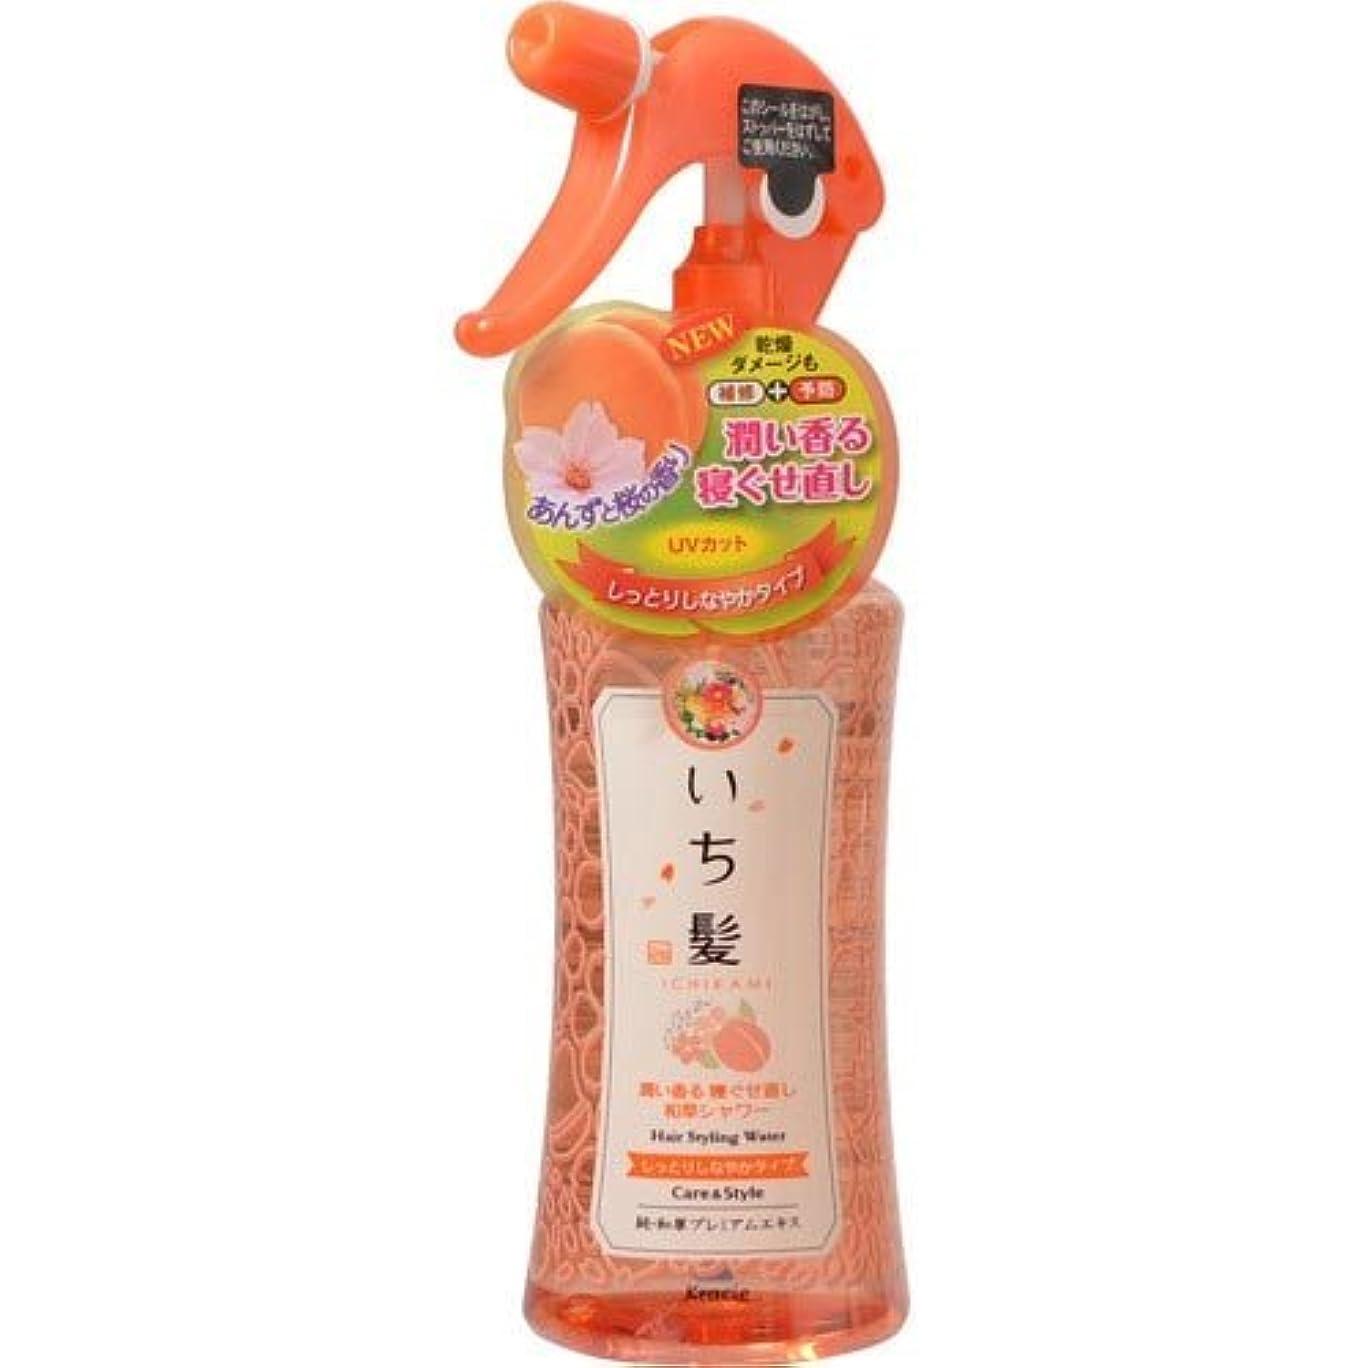 バラ色を必要としています秘書いち髪 潤い香る寝ぐせ直し和草シャワー しっとりしなやかタイプ 250mL